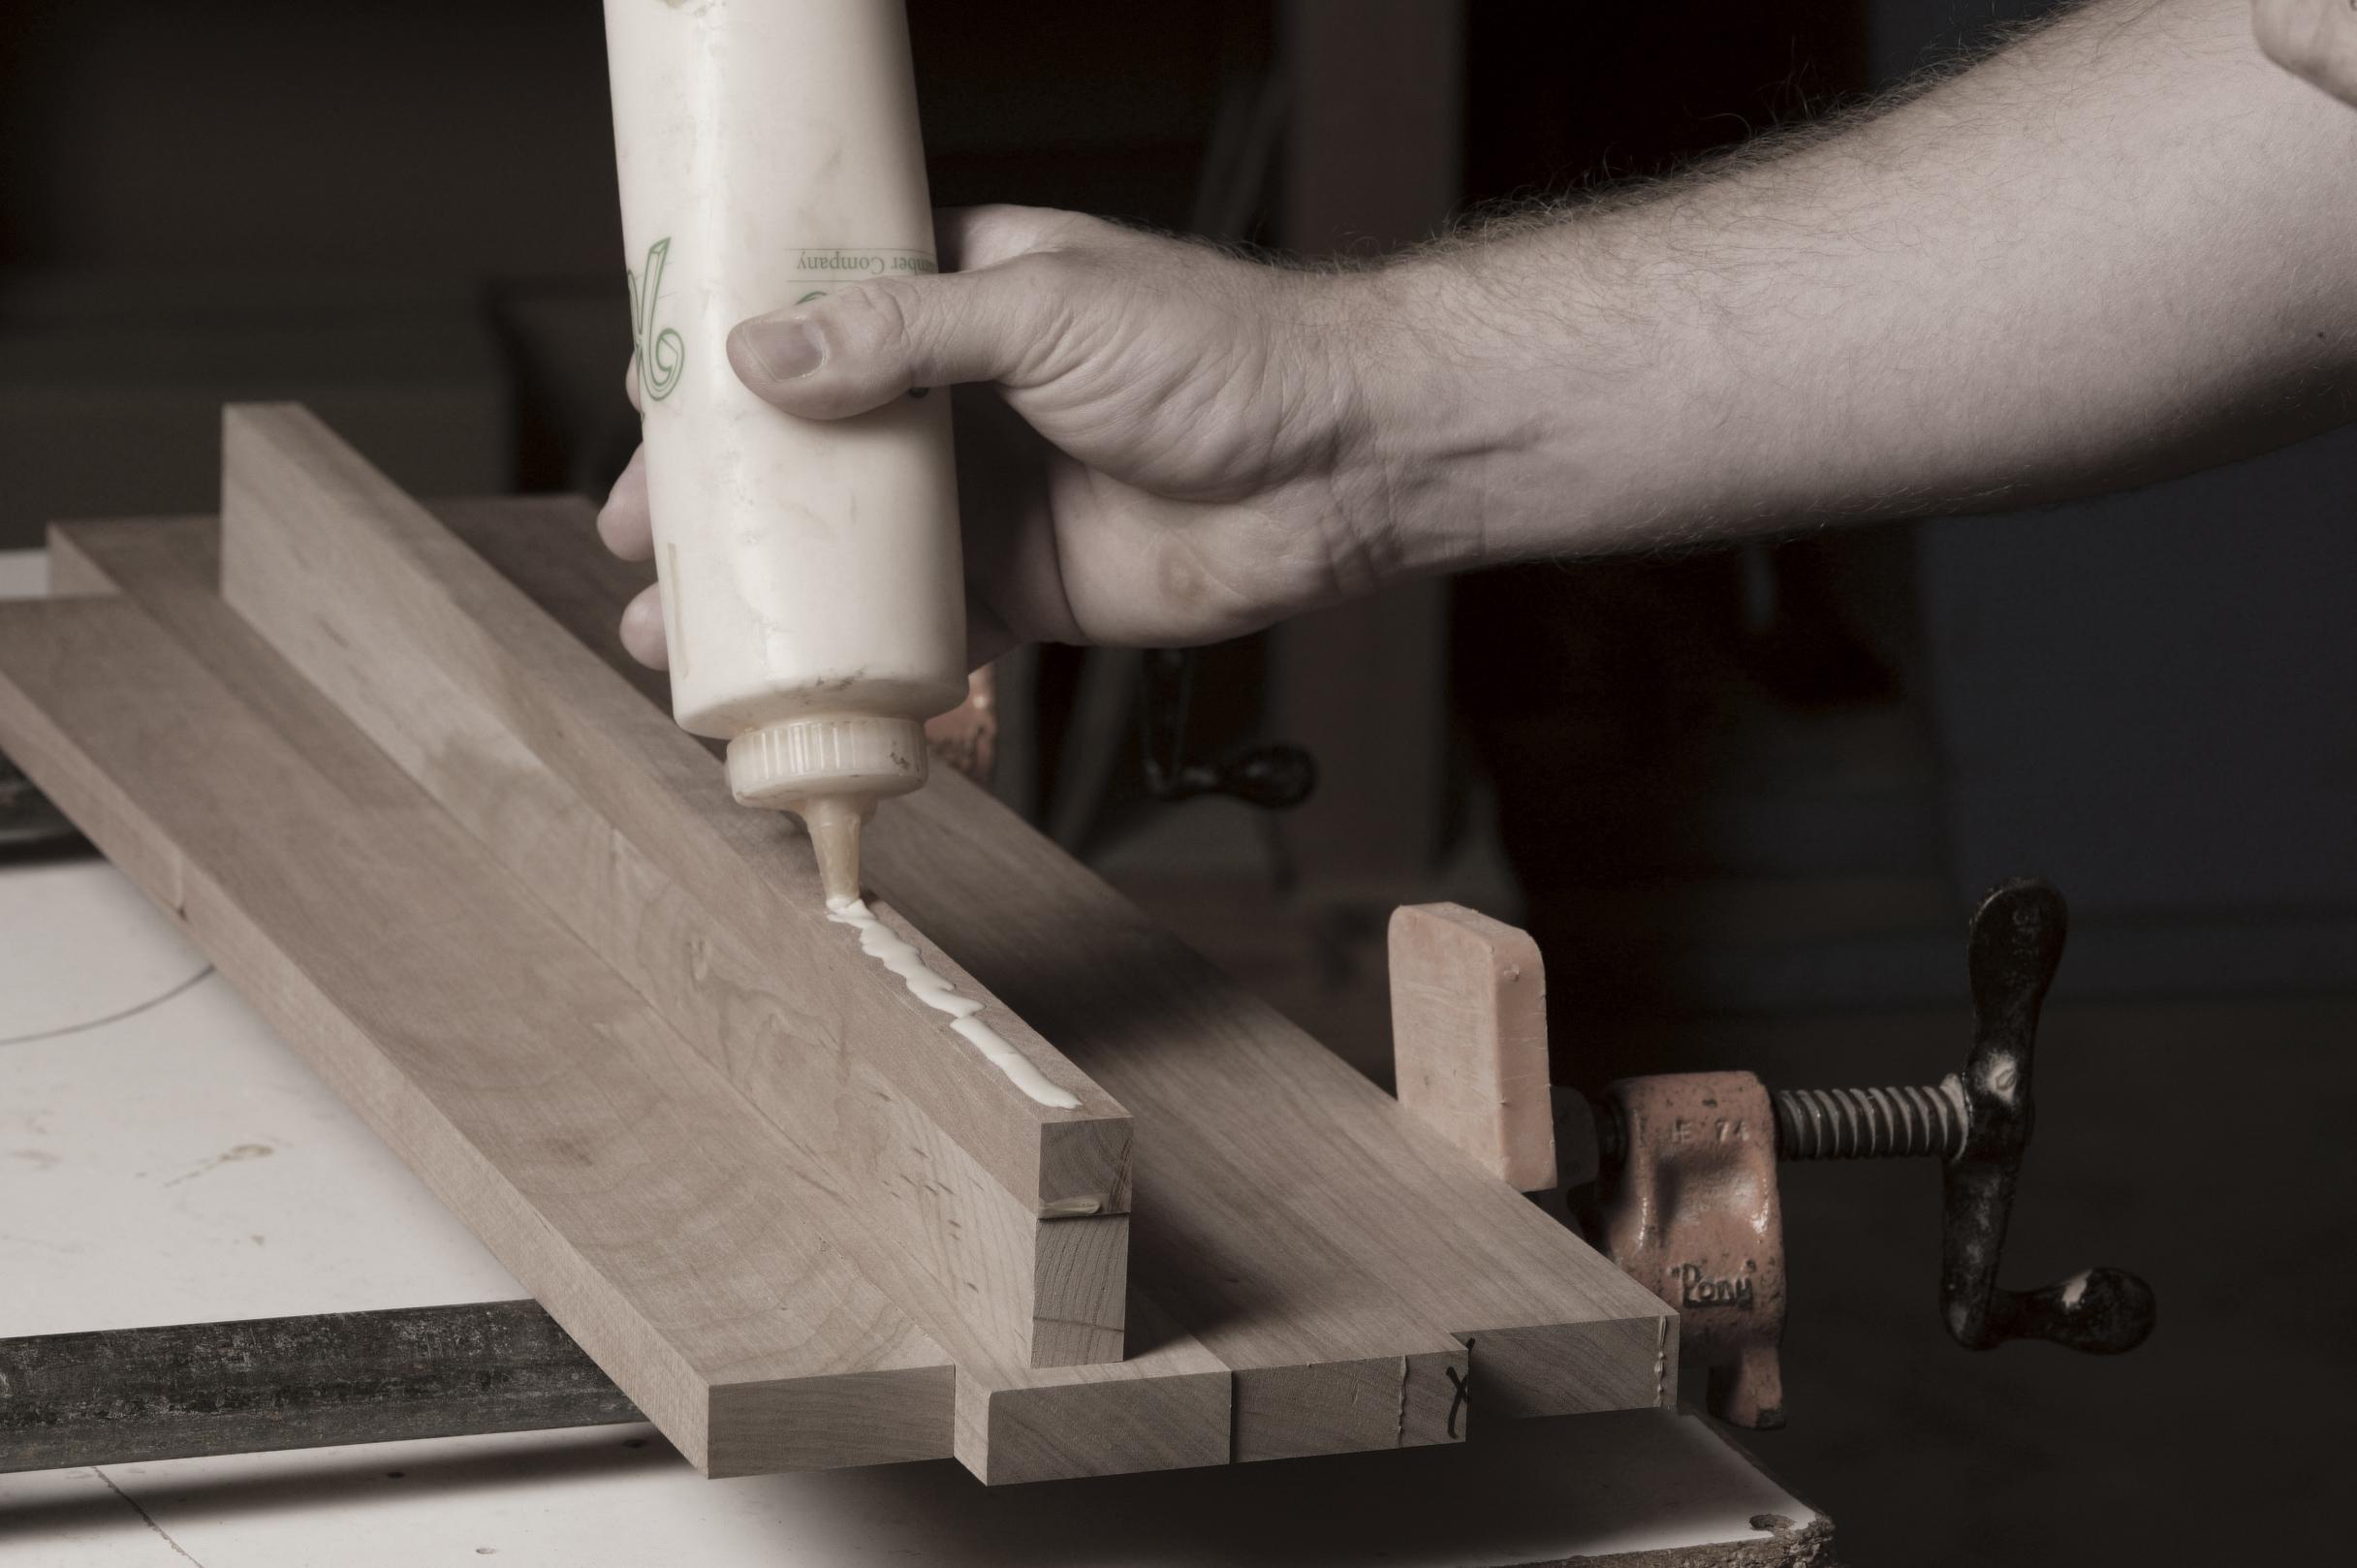 Etonnant File:Amish Craftsman Glueing Furniture